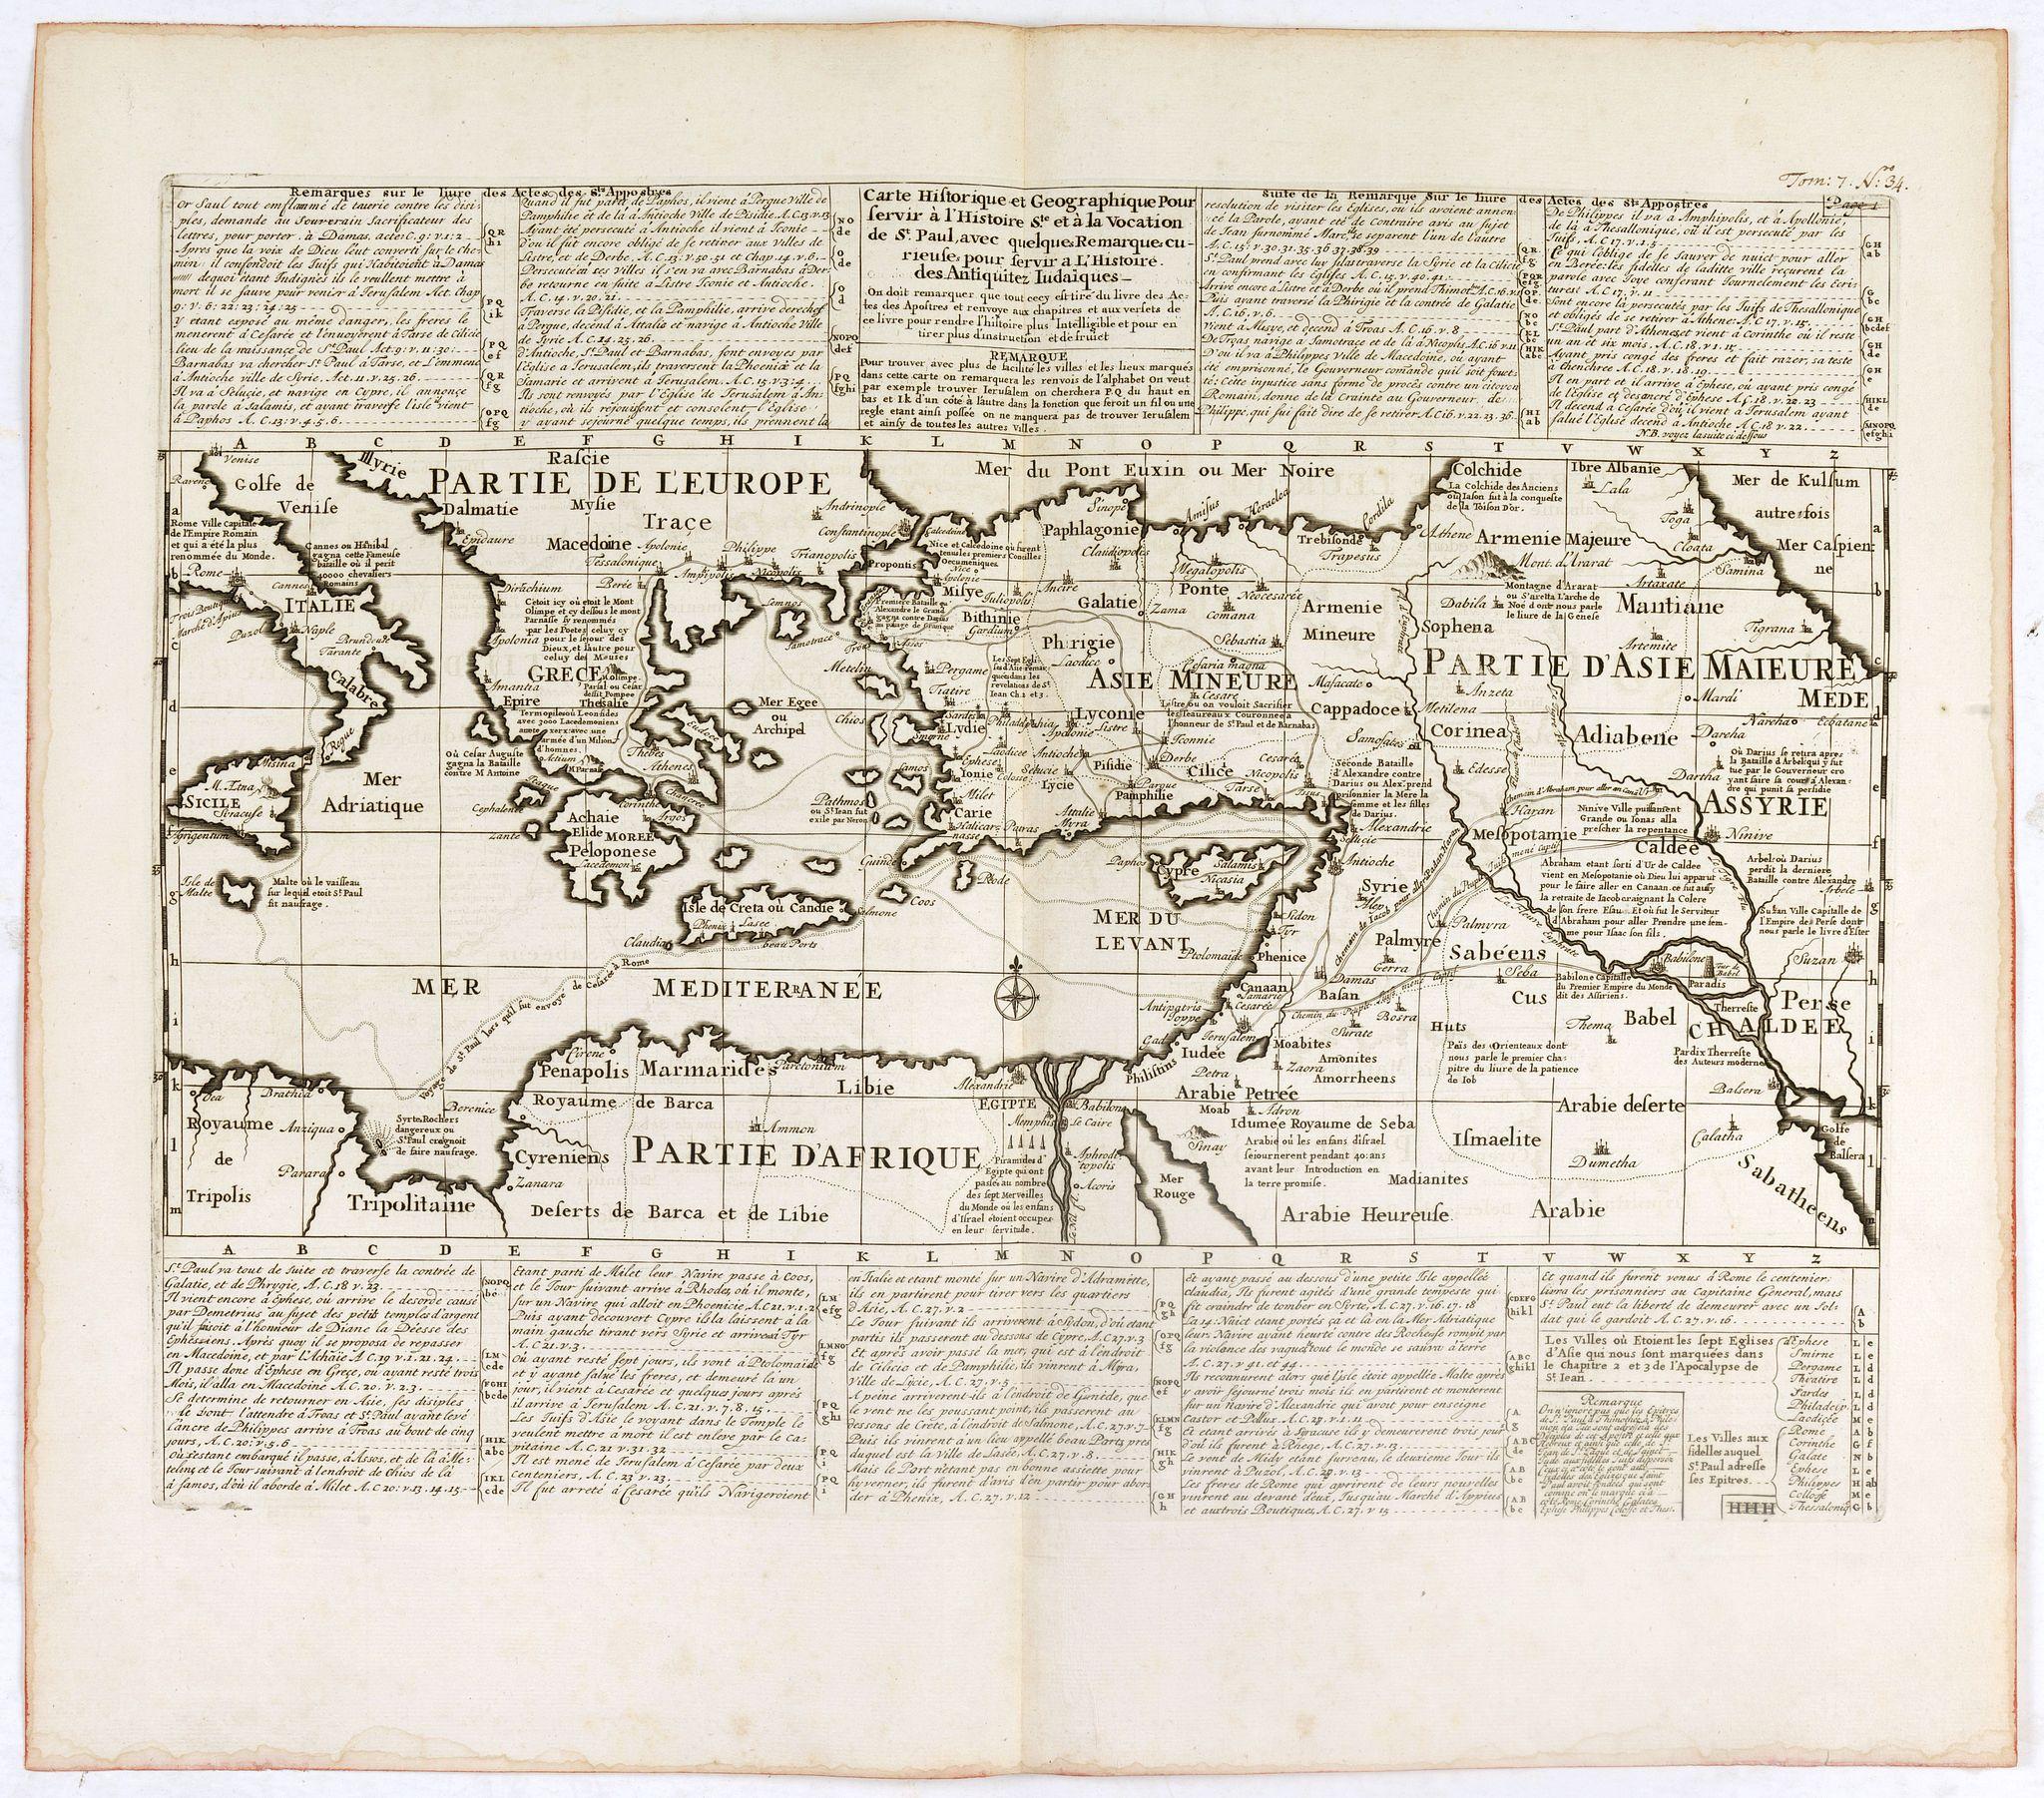 CHATELAIN, H. -  Carte historique et géographique pour servir à l'Histoire Sainte et à la Vocation de Saint Paul, avec quelques remarques curieuses pour servir à l'Histoire des Antiquités judaïques.